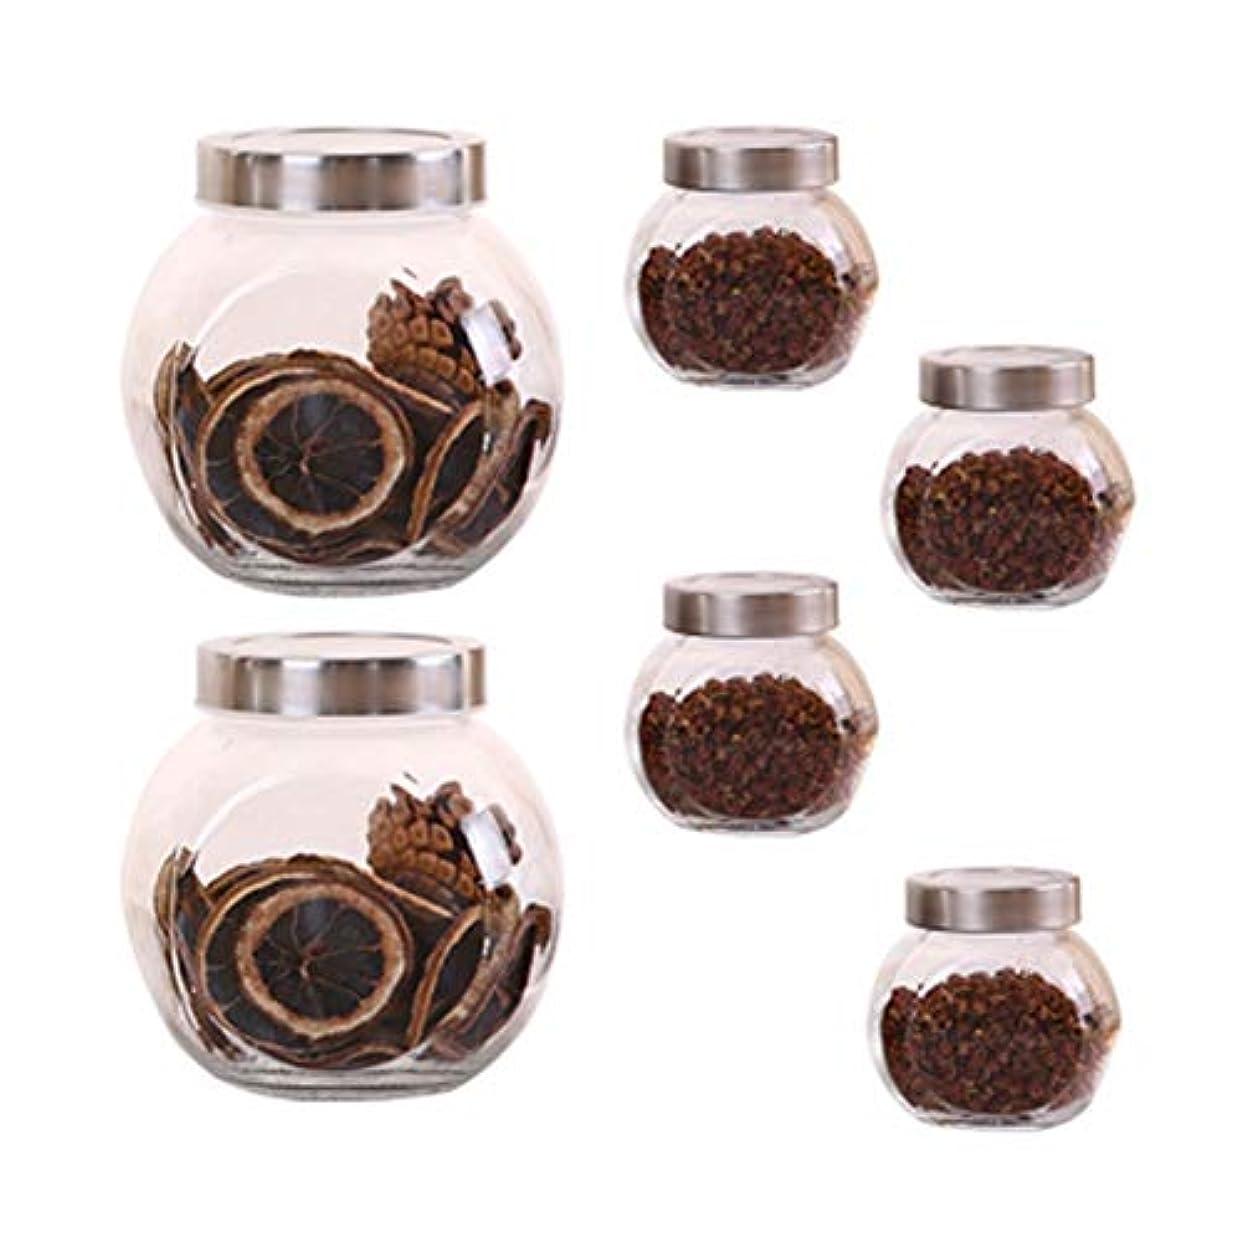 6個の鉛フリーガラスドライフルーツシール保湿ストレージジャーのストレージジャーパック(6パック)